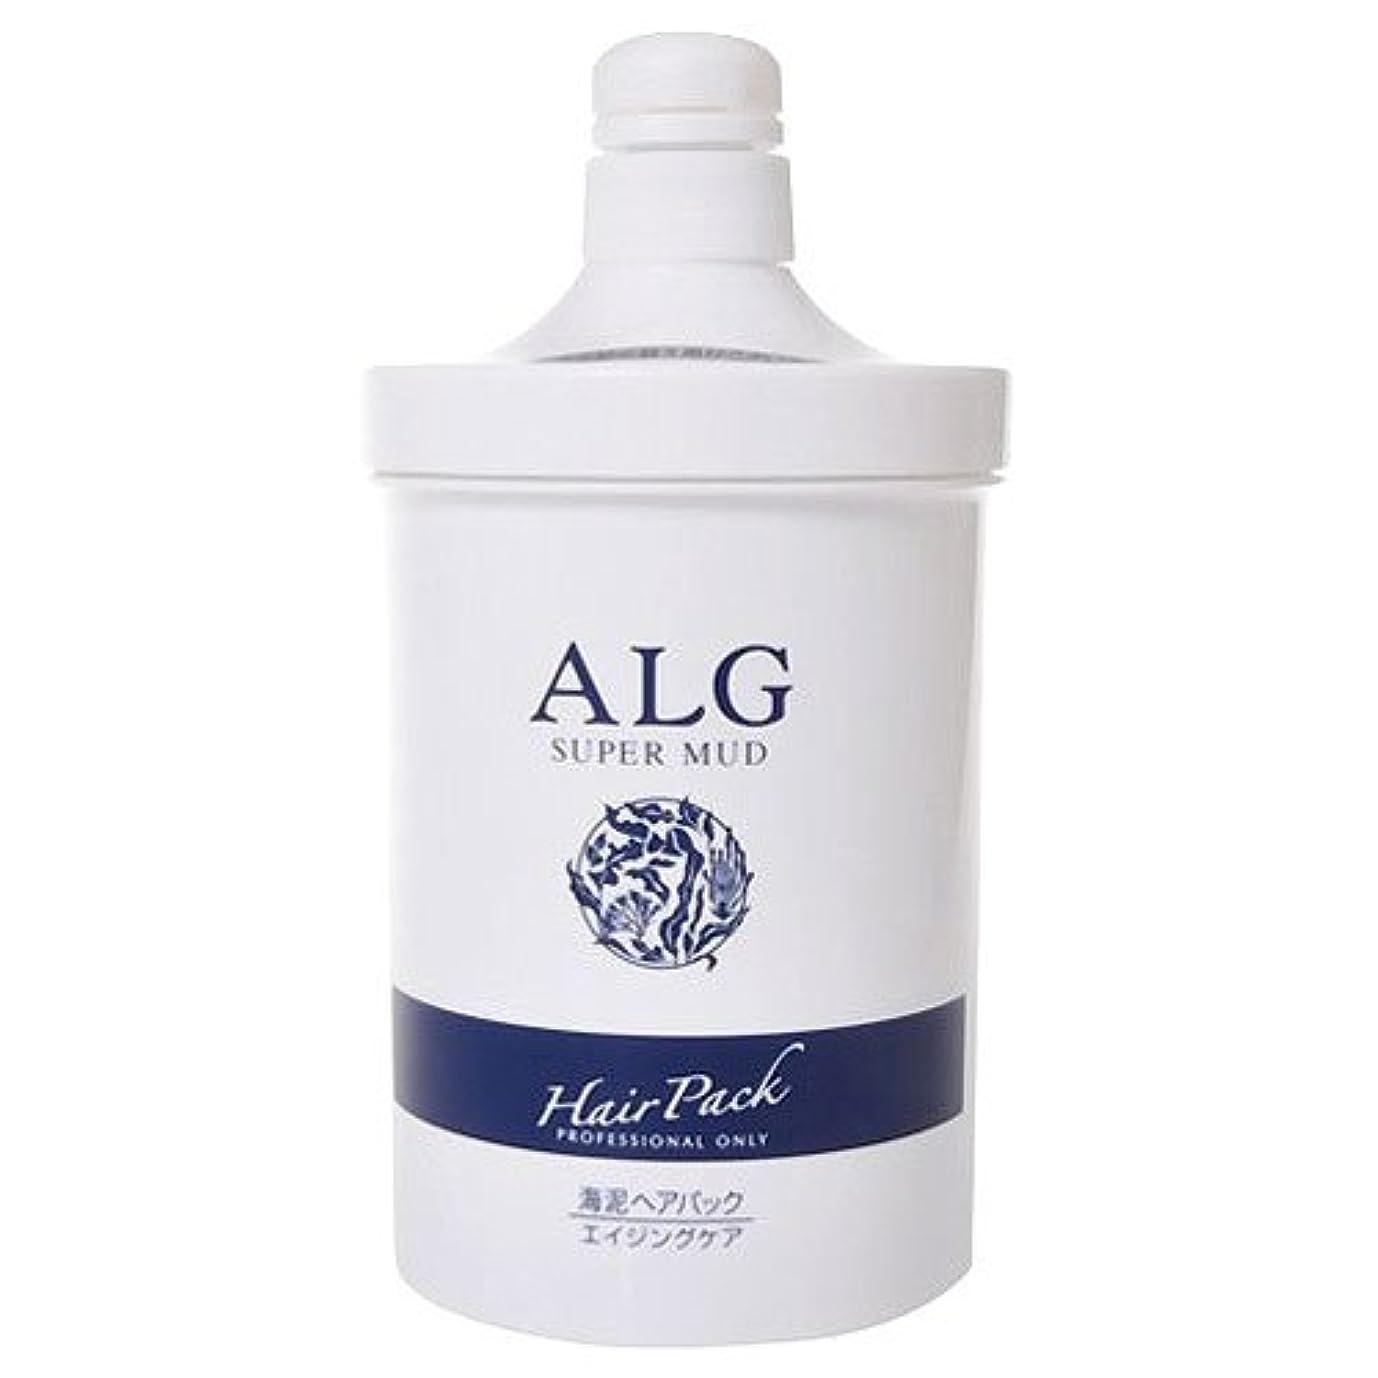 ピッチ十分適性アルグ スーパーマッドヘアパック M 1000g(ポンプ)